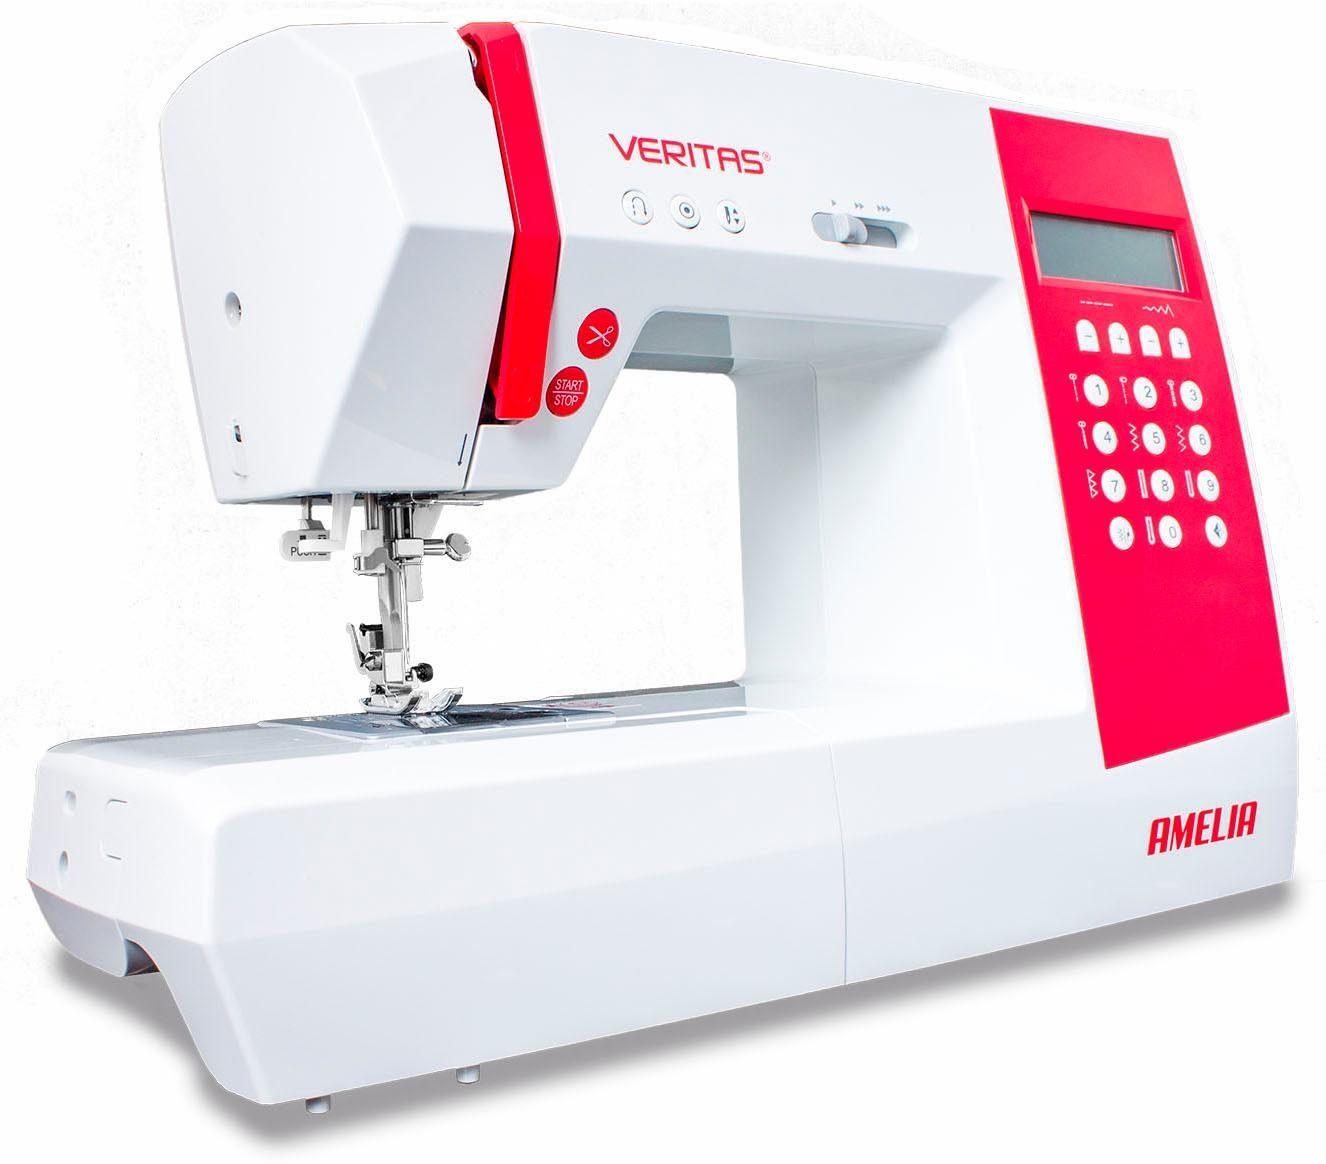 Veritas Computer-Nähmaschine Amelia, 90 Programme, 90 Programme, mit Zubehör